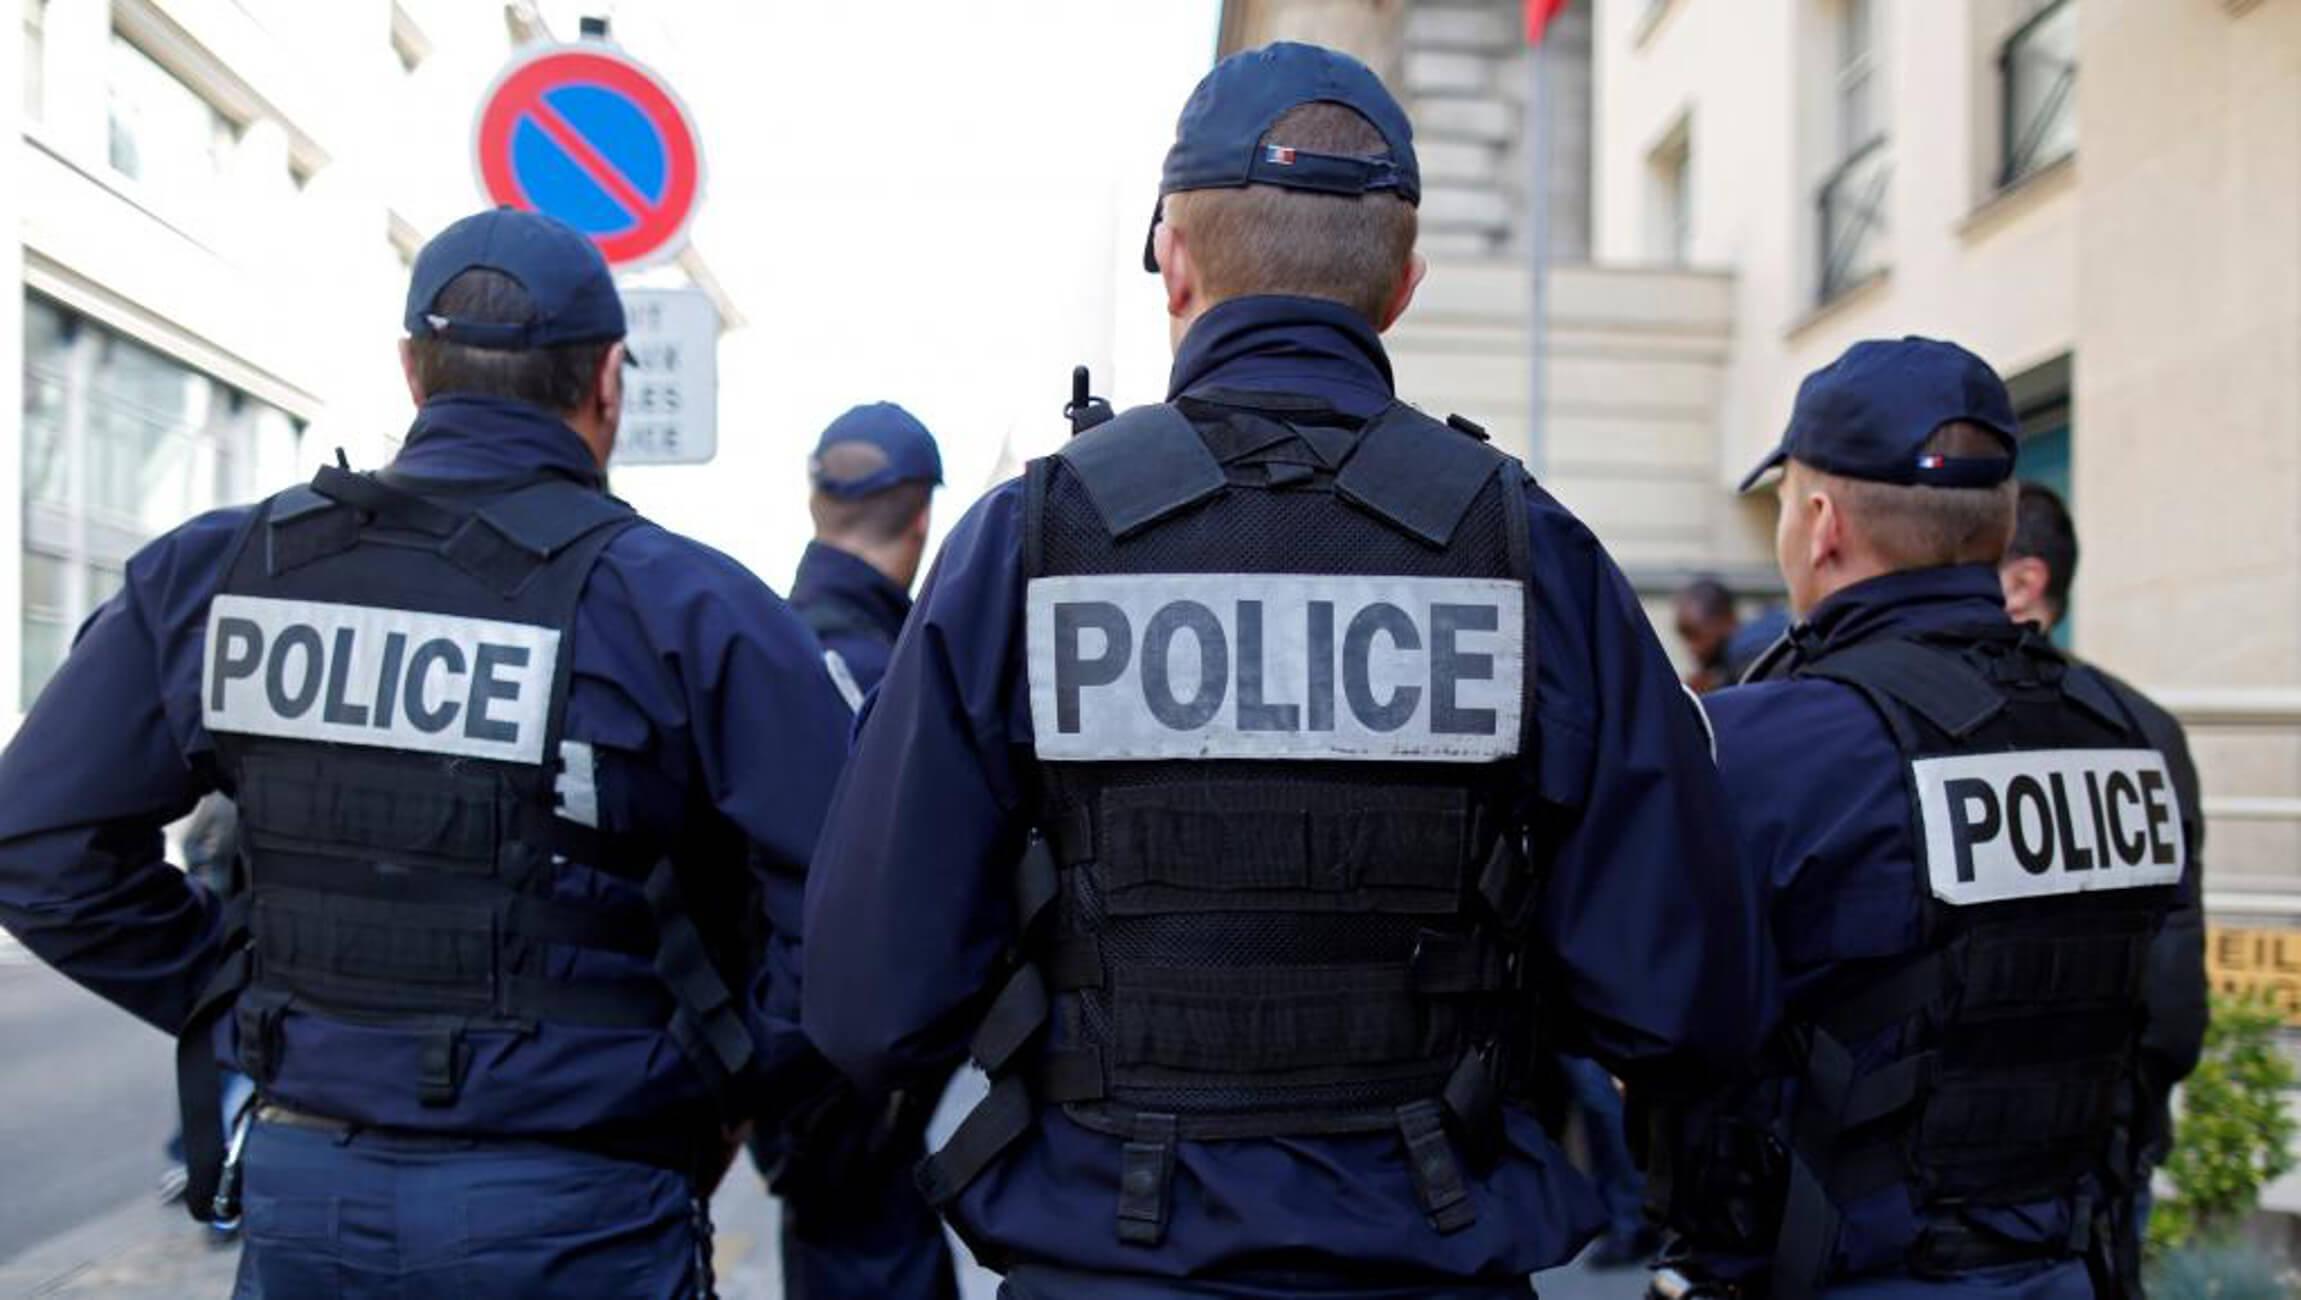 """Κορσική: Πυροβολισμοί στη μέση του δρόμου - """"Ταμπουρώθηκε"""" ο δράστης"""